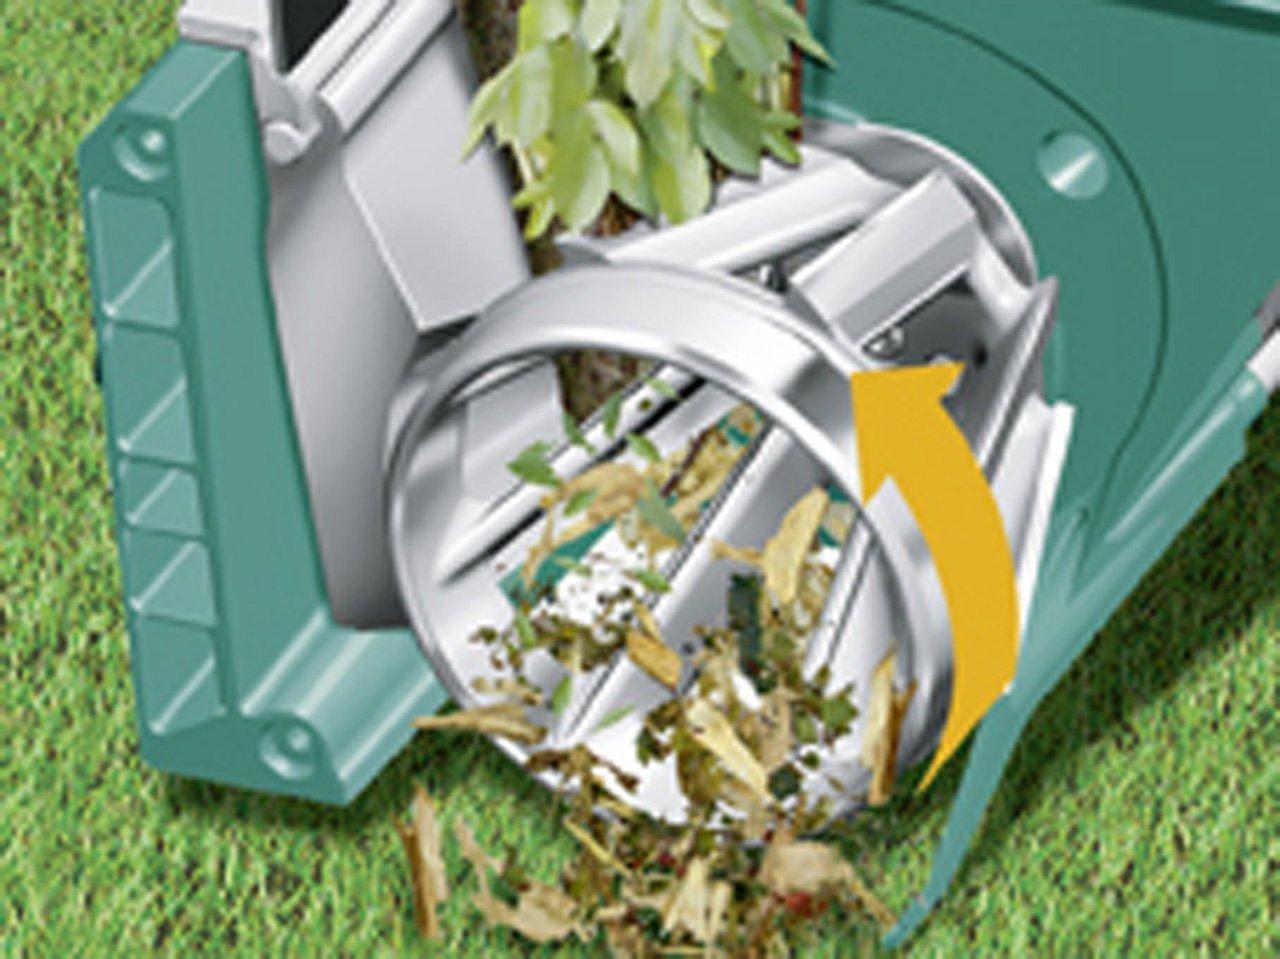 C'est un broyeur de végétaux qui fonctionne avec une turbine